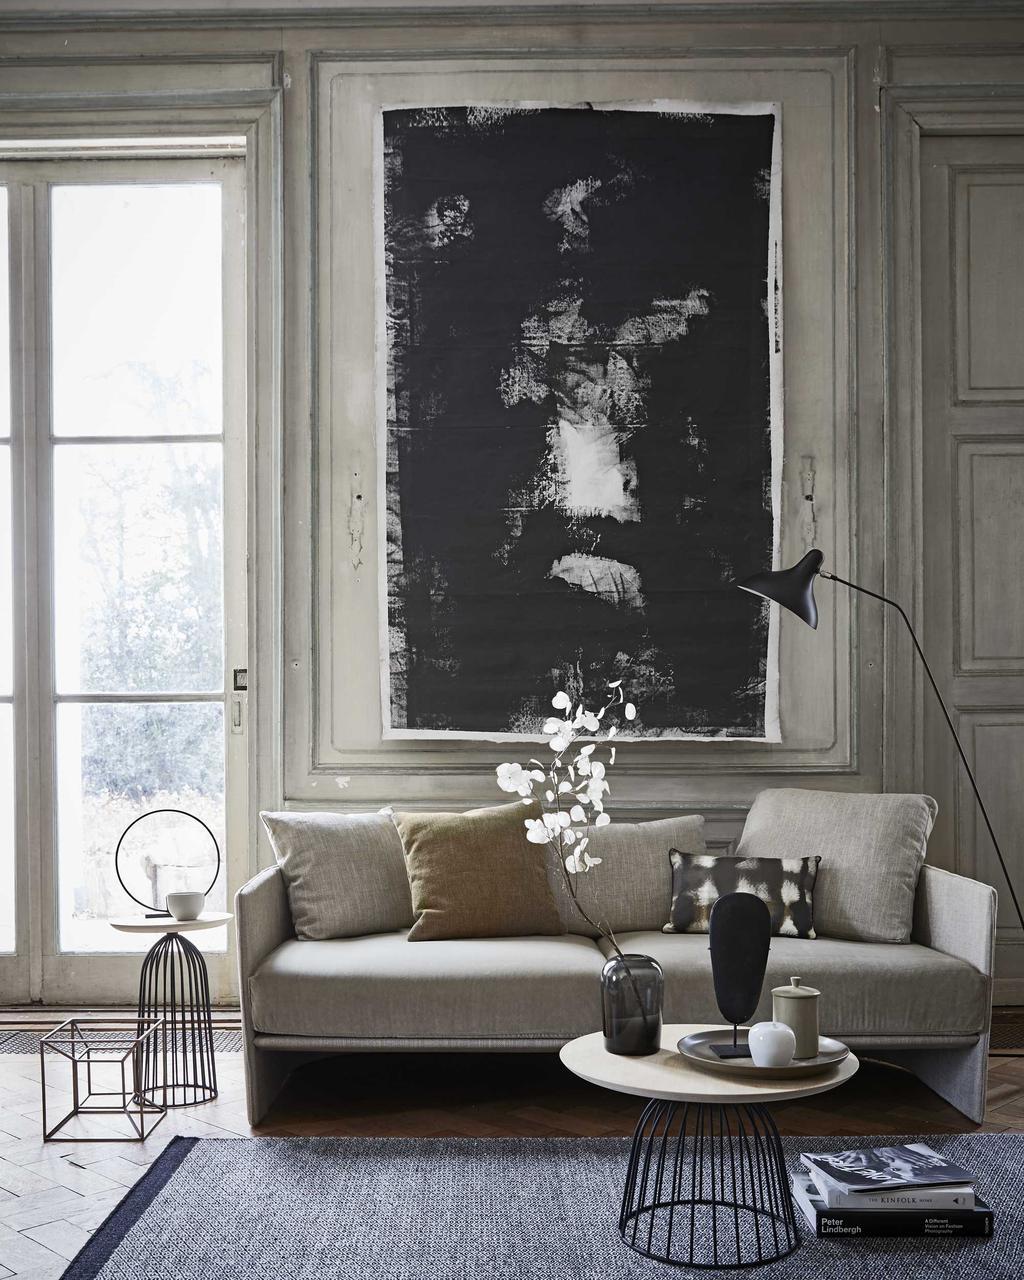 Woonkamer in de tinten grijs en zwart met schilderij voor kunst in huis